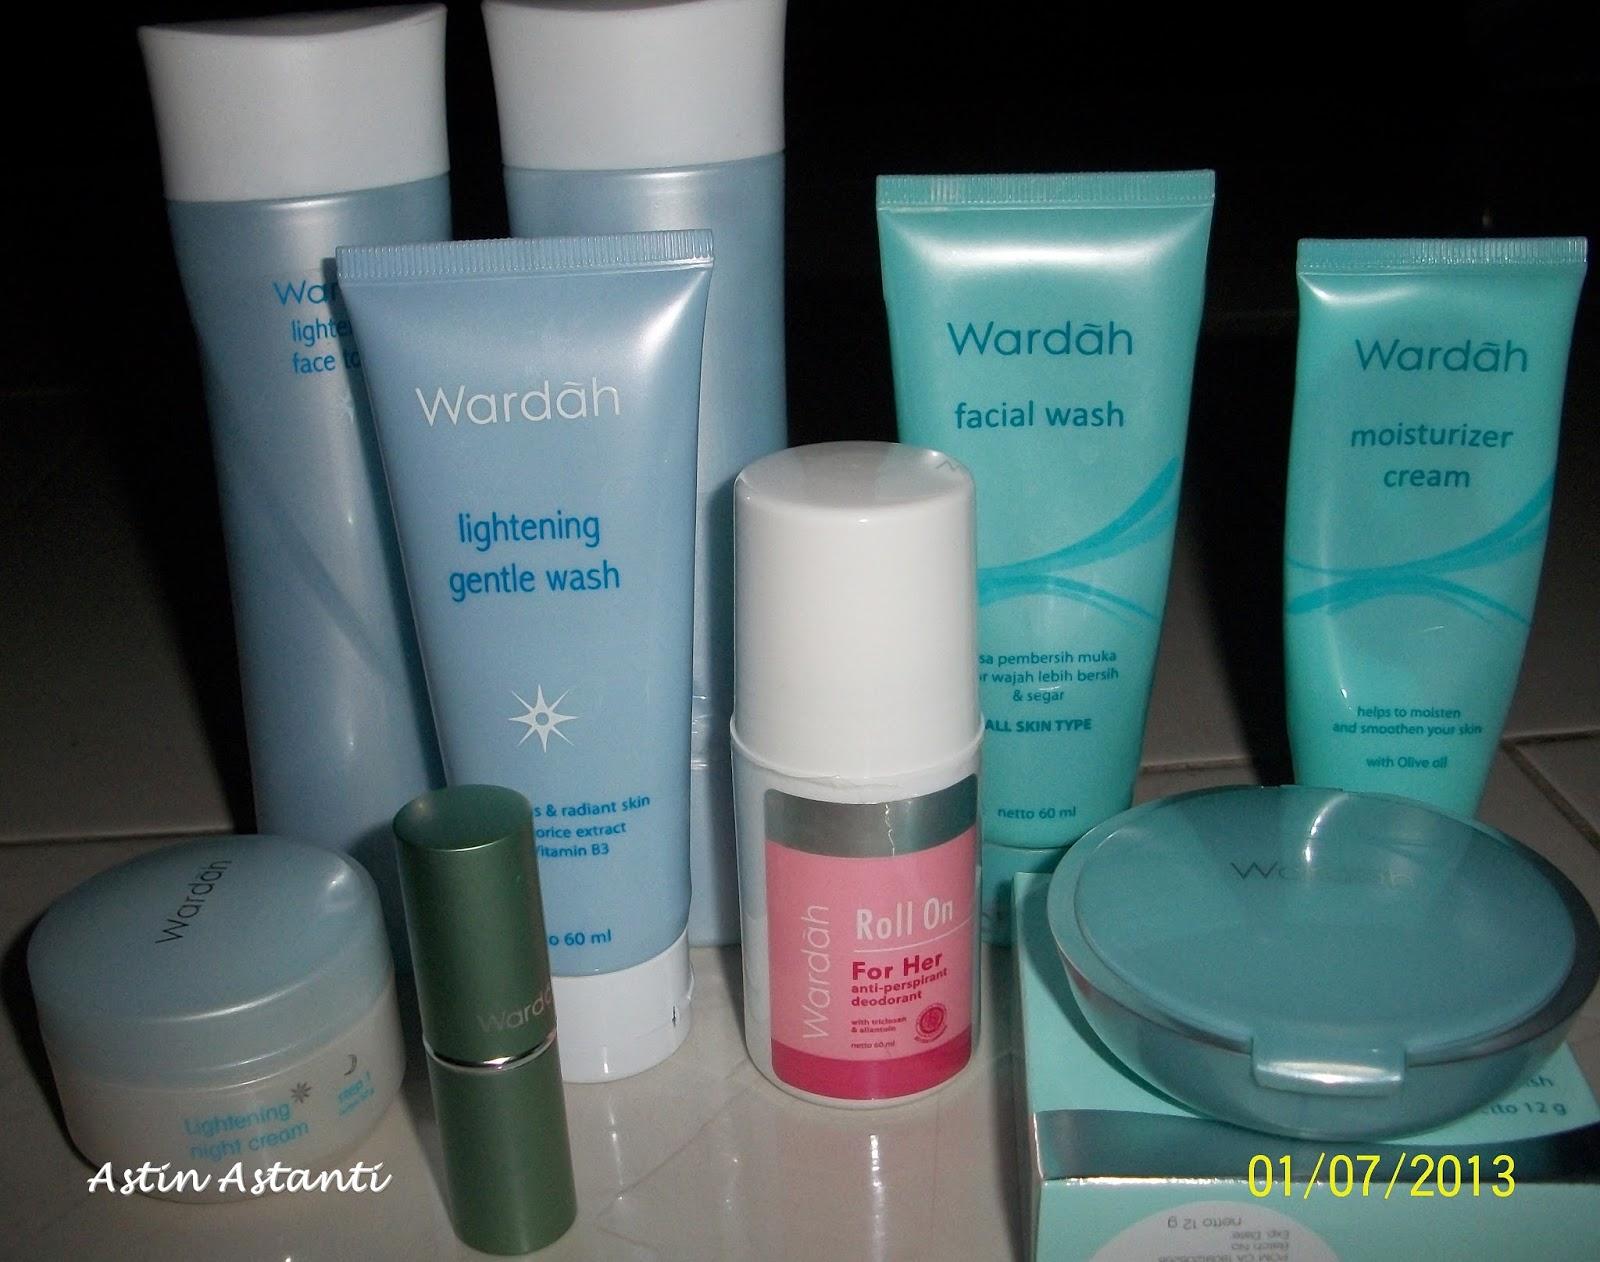 Itu saja yang membuat aku jatuh cinta dengan kosmetik Wardah hingga kini Pun bukan hanya bedak pelembab lipstik tapi deodorant buat suamiku punya Wardah